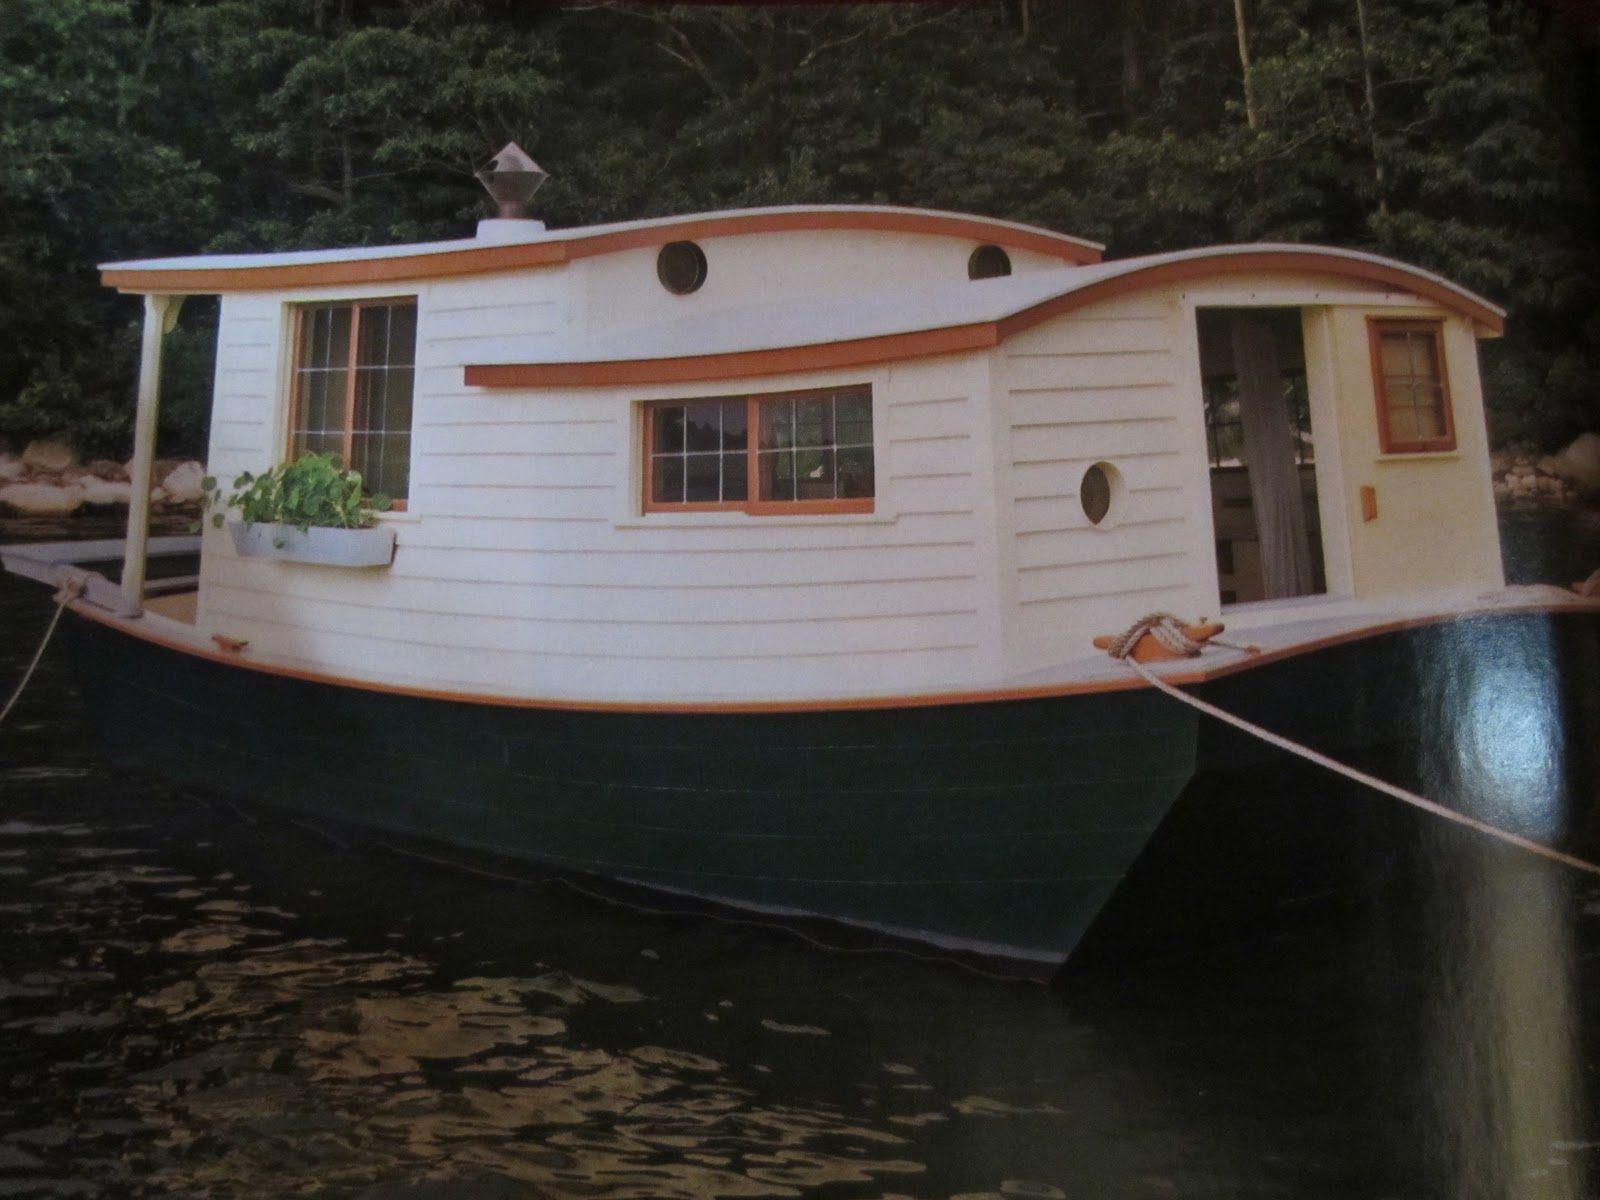 Shantyboat Houseboat In Wooden Boat Magazine